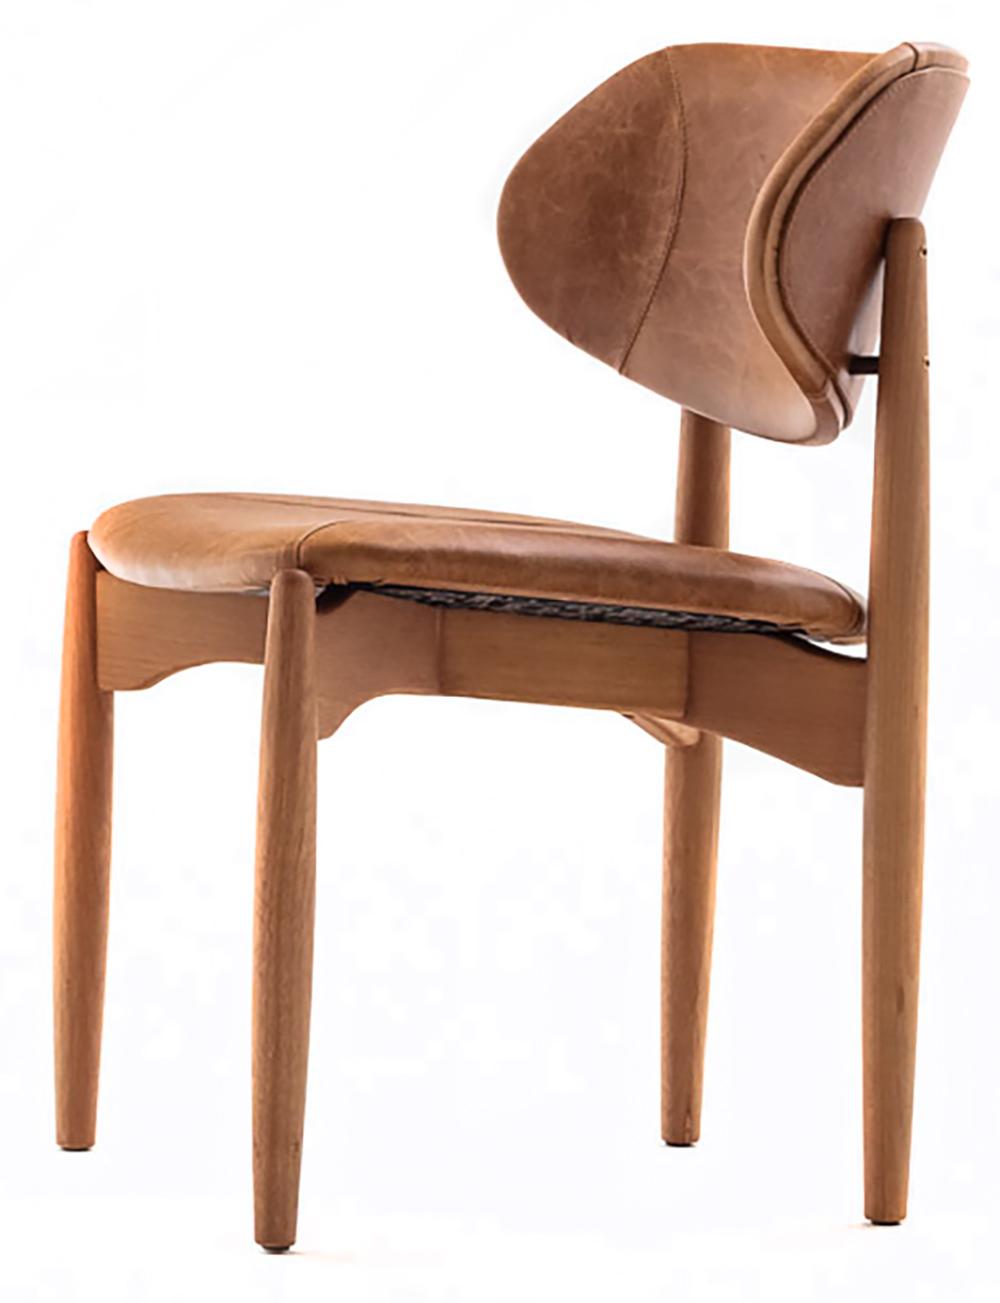 Cadeira Acácia • estudiobola